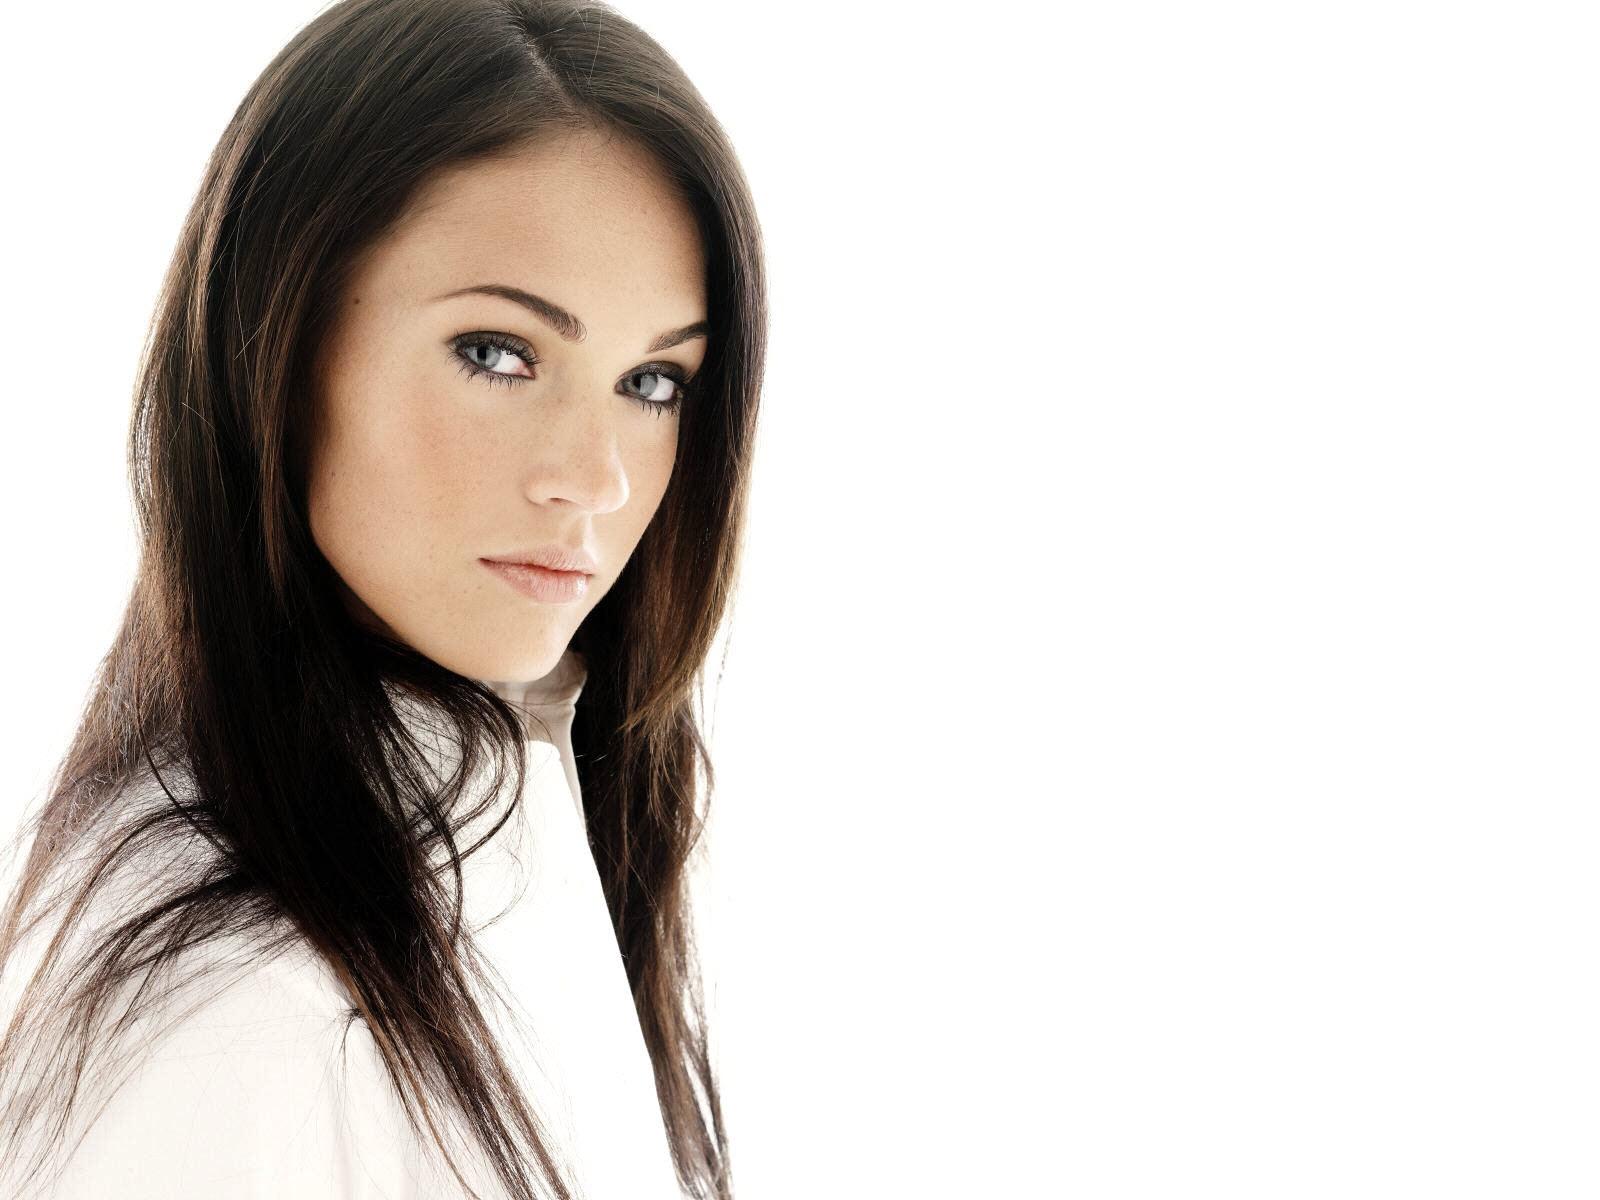 Célébrités - Megan Fox  Fond d'écran